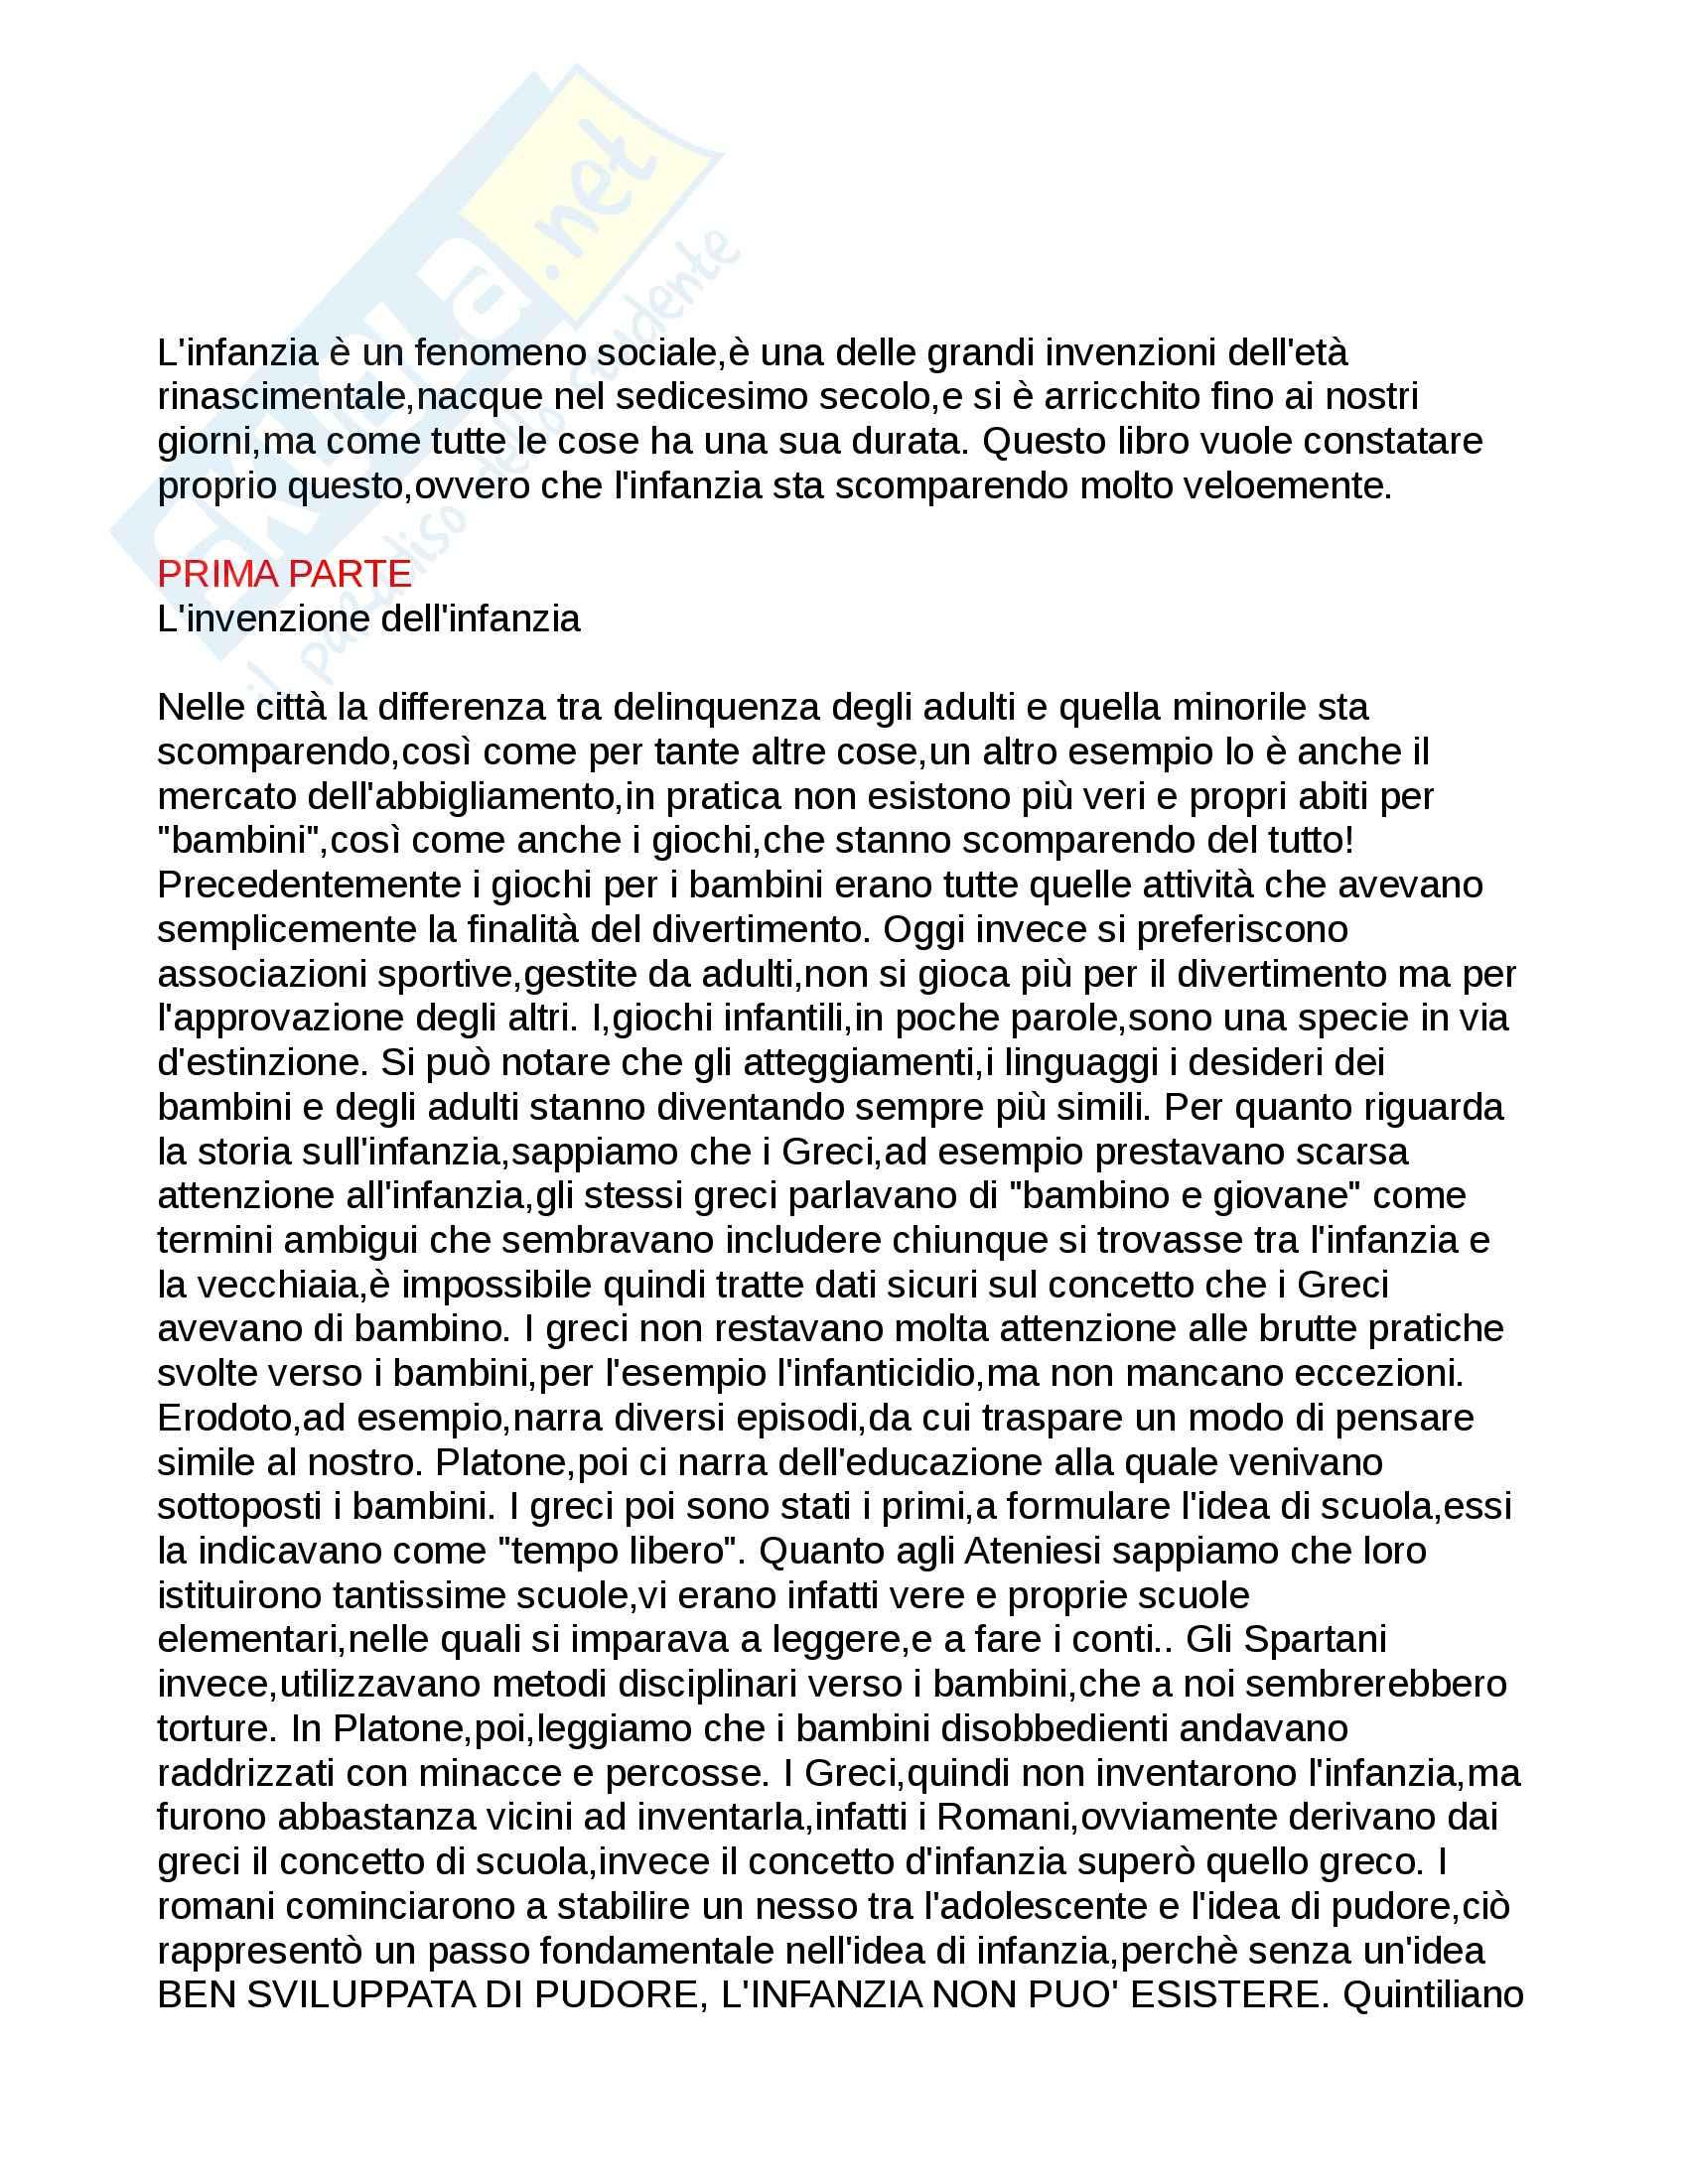 Riassunto esame Pedagogia generale dell'infanzia, prof. De Sanctis, libro consigliato La scomparsa dell'infanzia di Postman